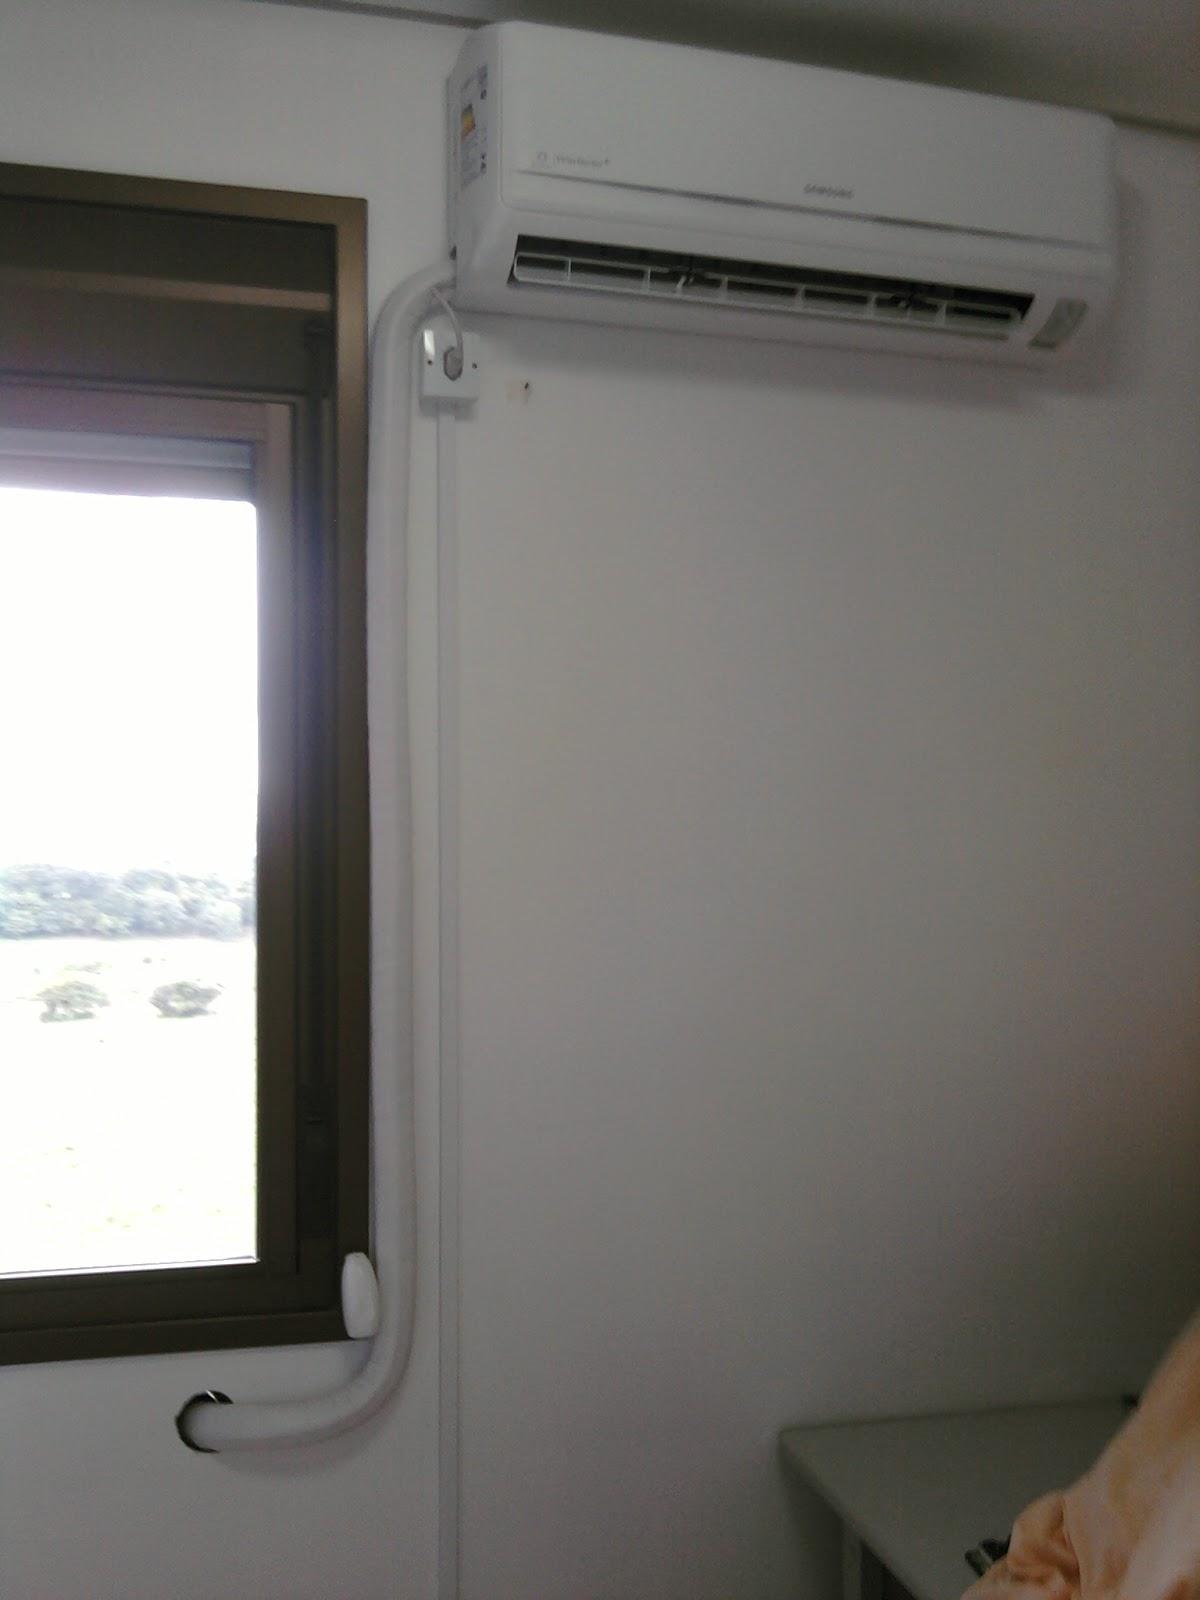 #667457 Ar Condicionado Split Instalação Aparente 1456 Suporte Ar Condicionado Janela Aluminio